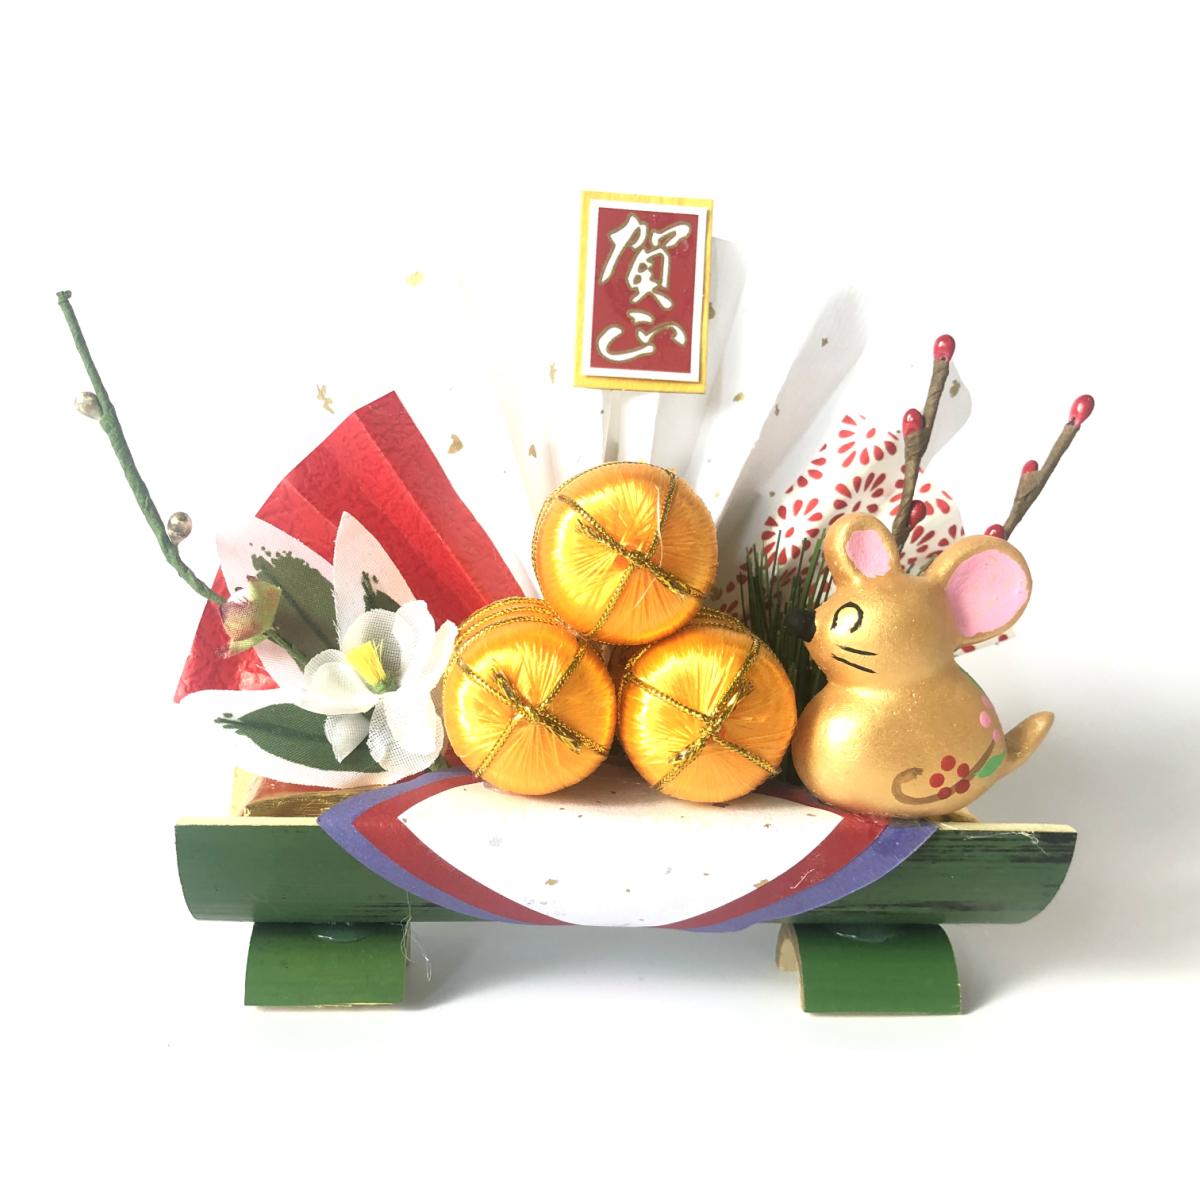 正月飾り 割竹 干支 扇 自宅用 会社 オフィス マンション 受付 室内 しめ飾り 玄関飾り 室内飾り